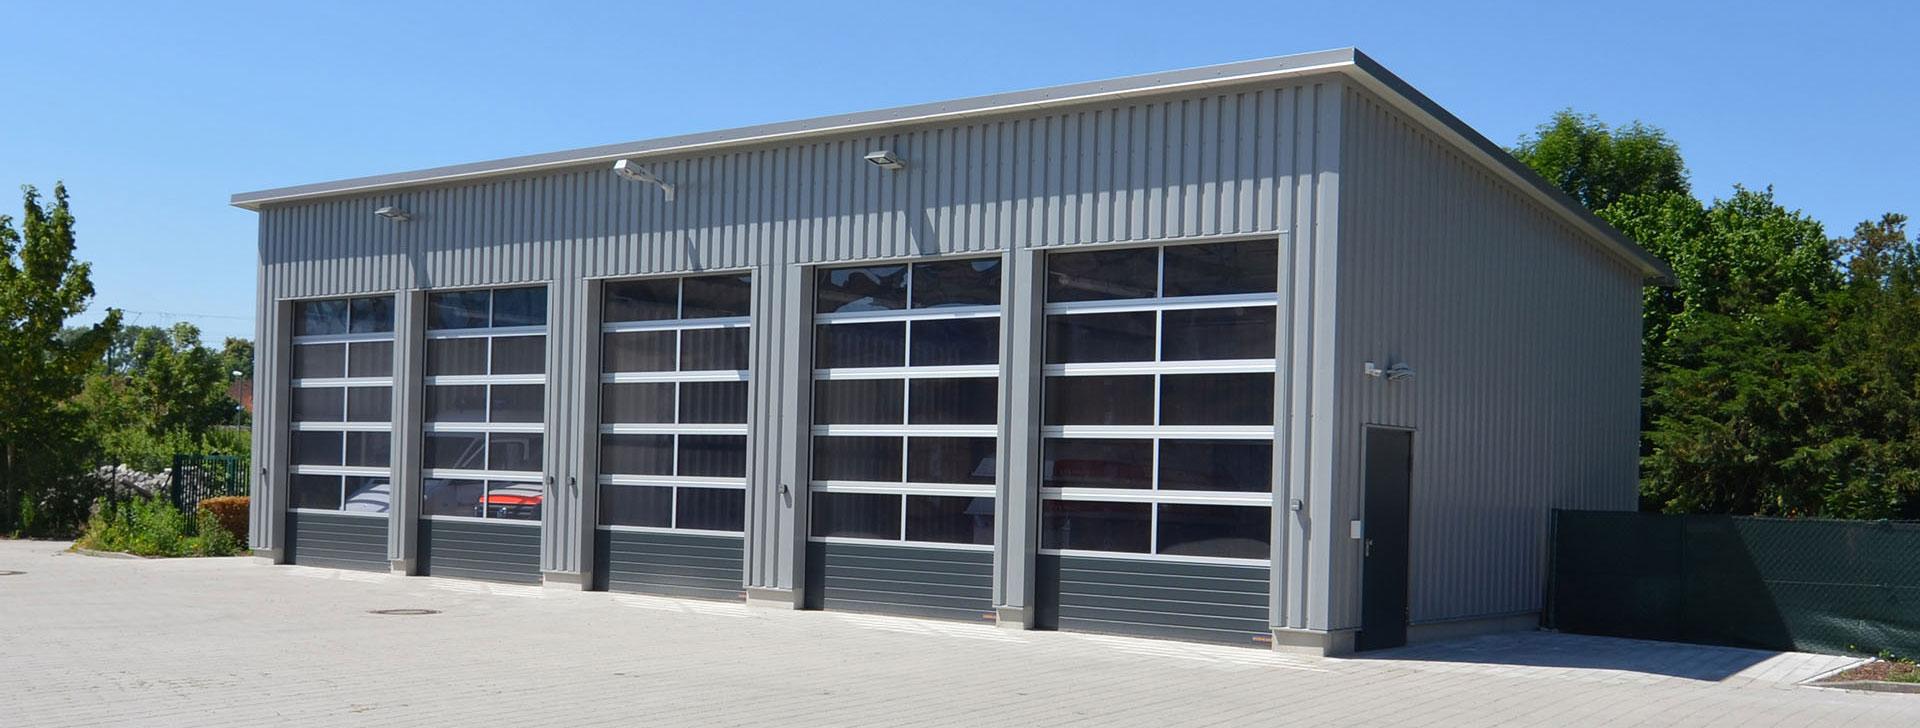 Fahrzeughalle mit Sektionaltoren